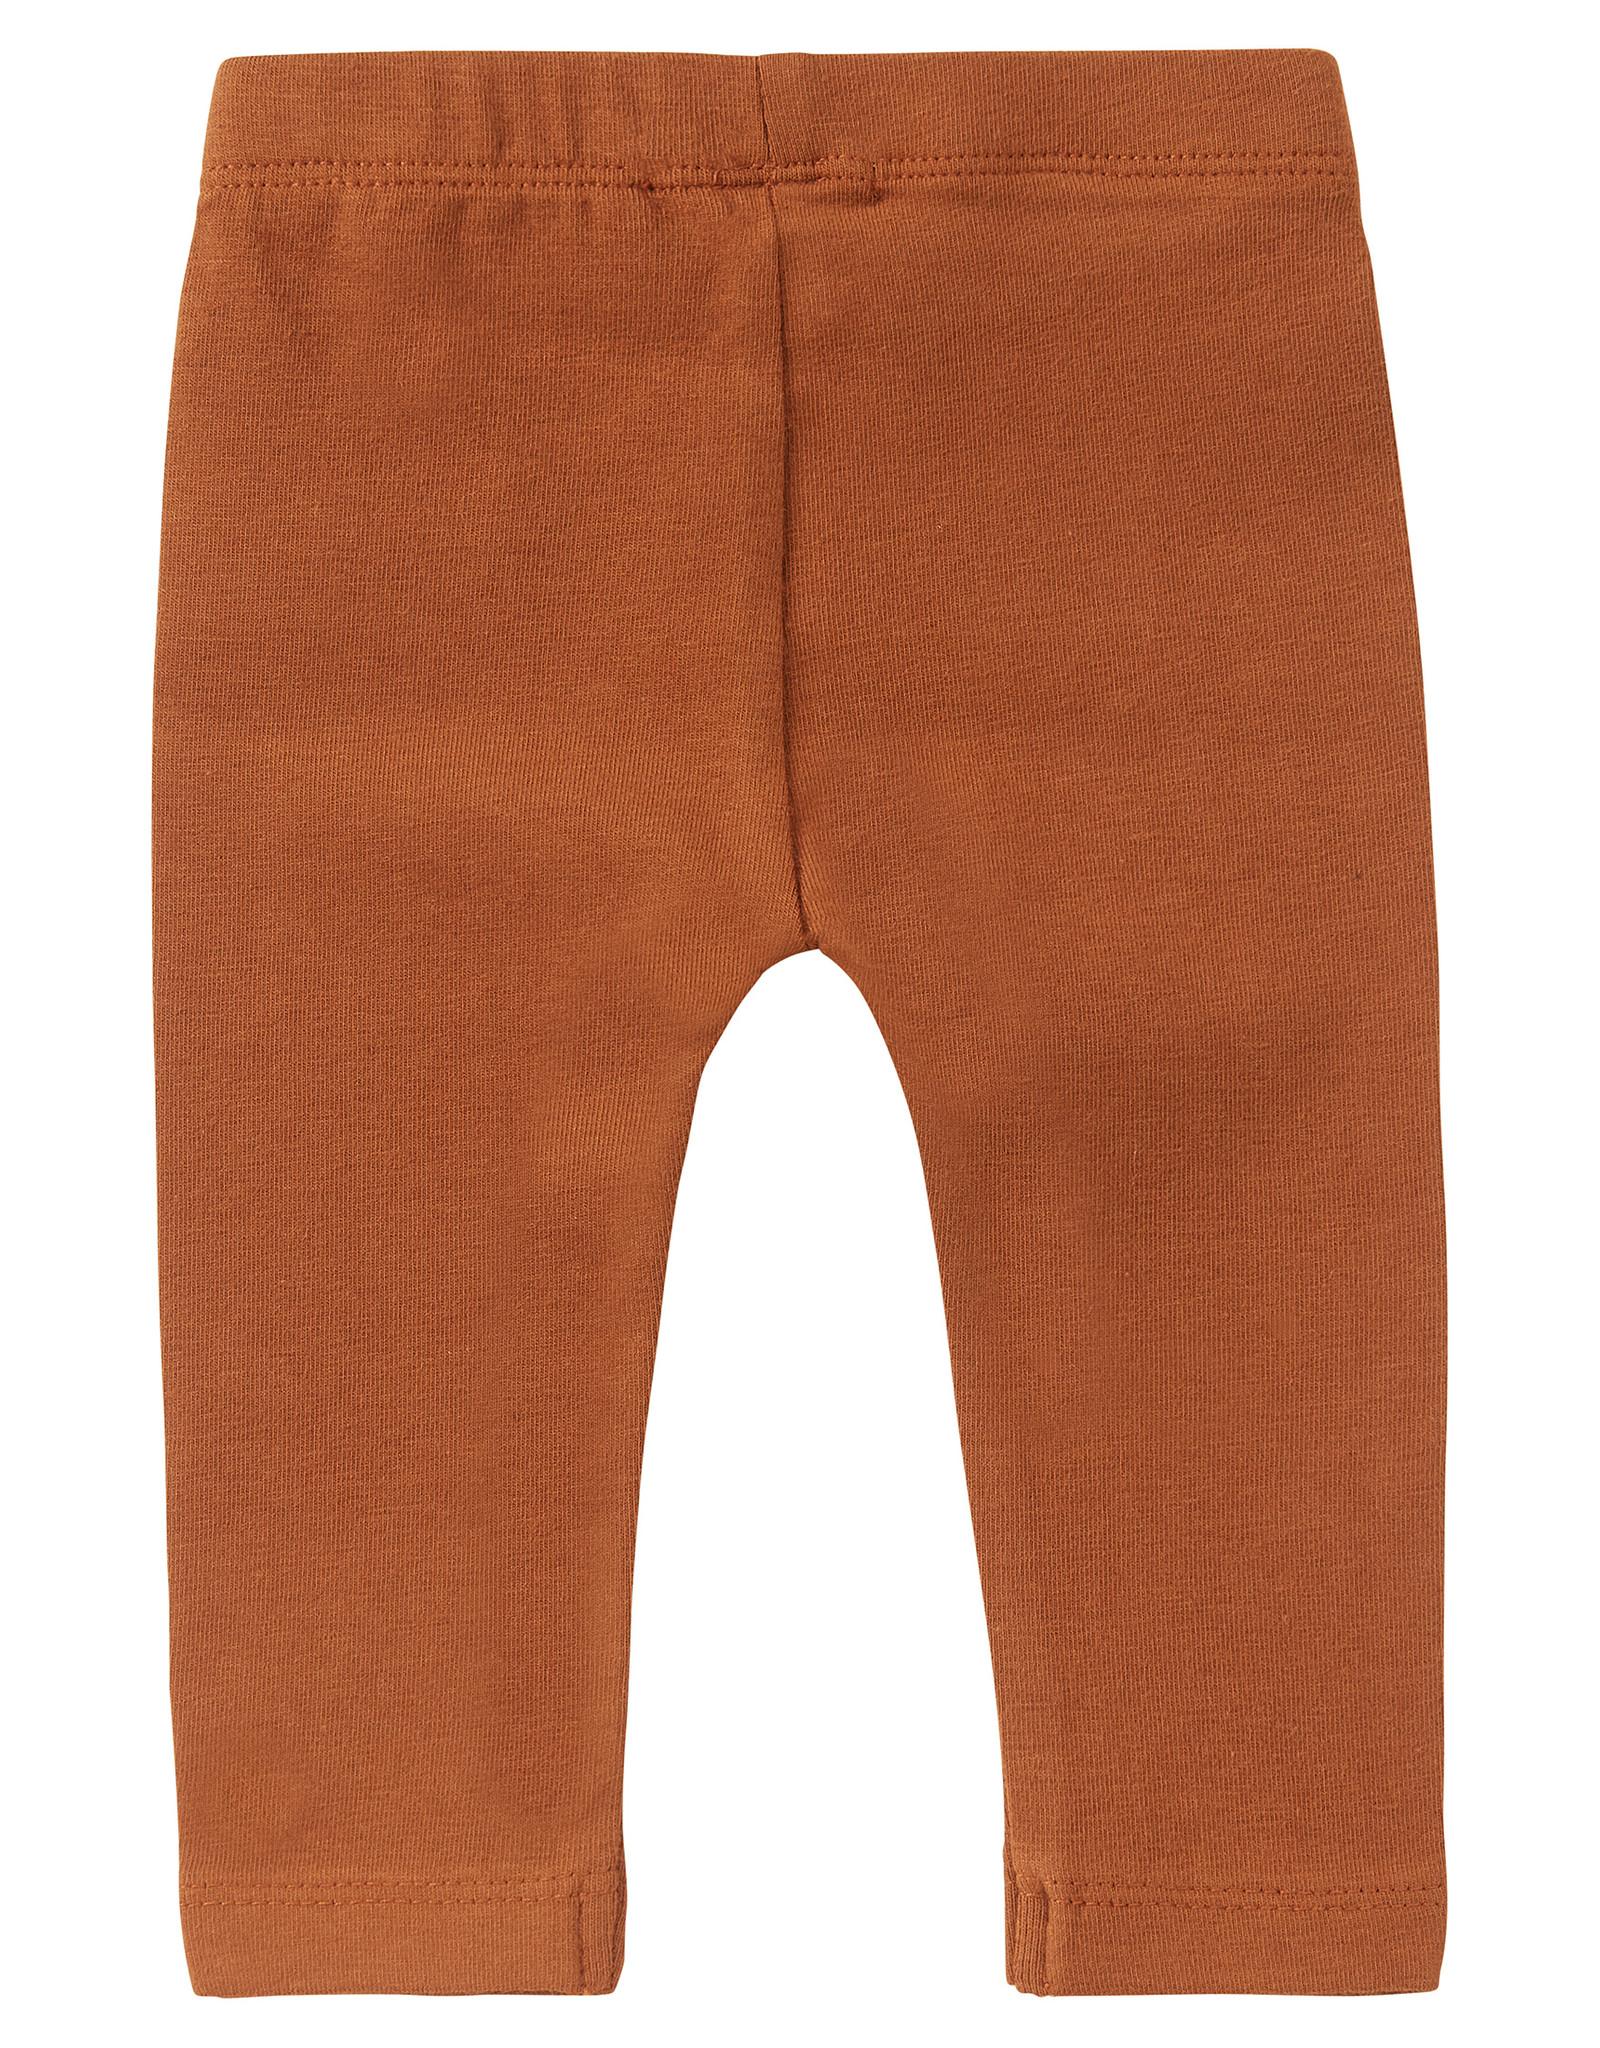 Noppies G Legging Pinetown, Rust